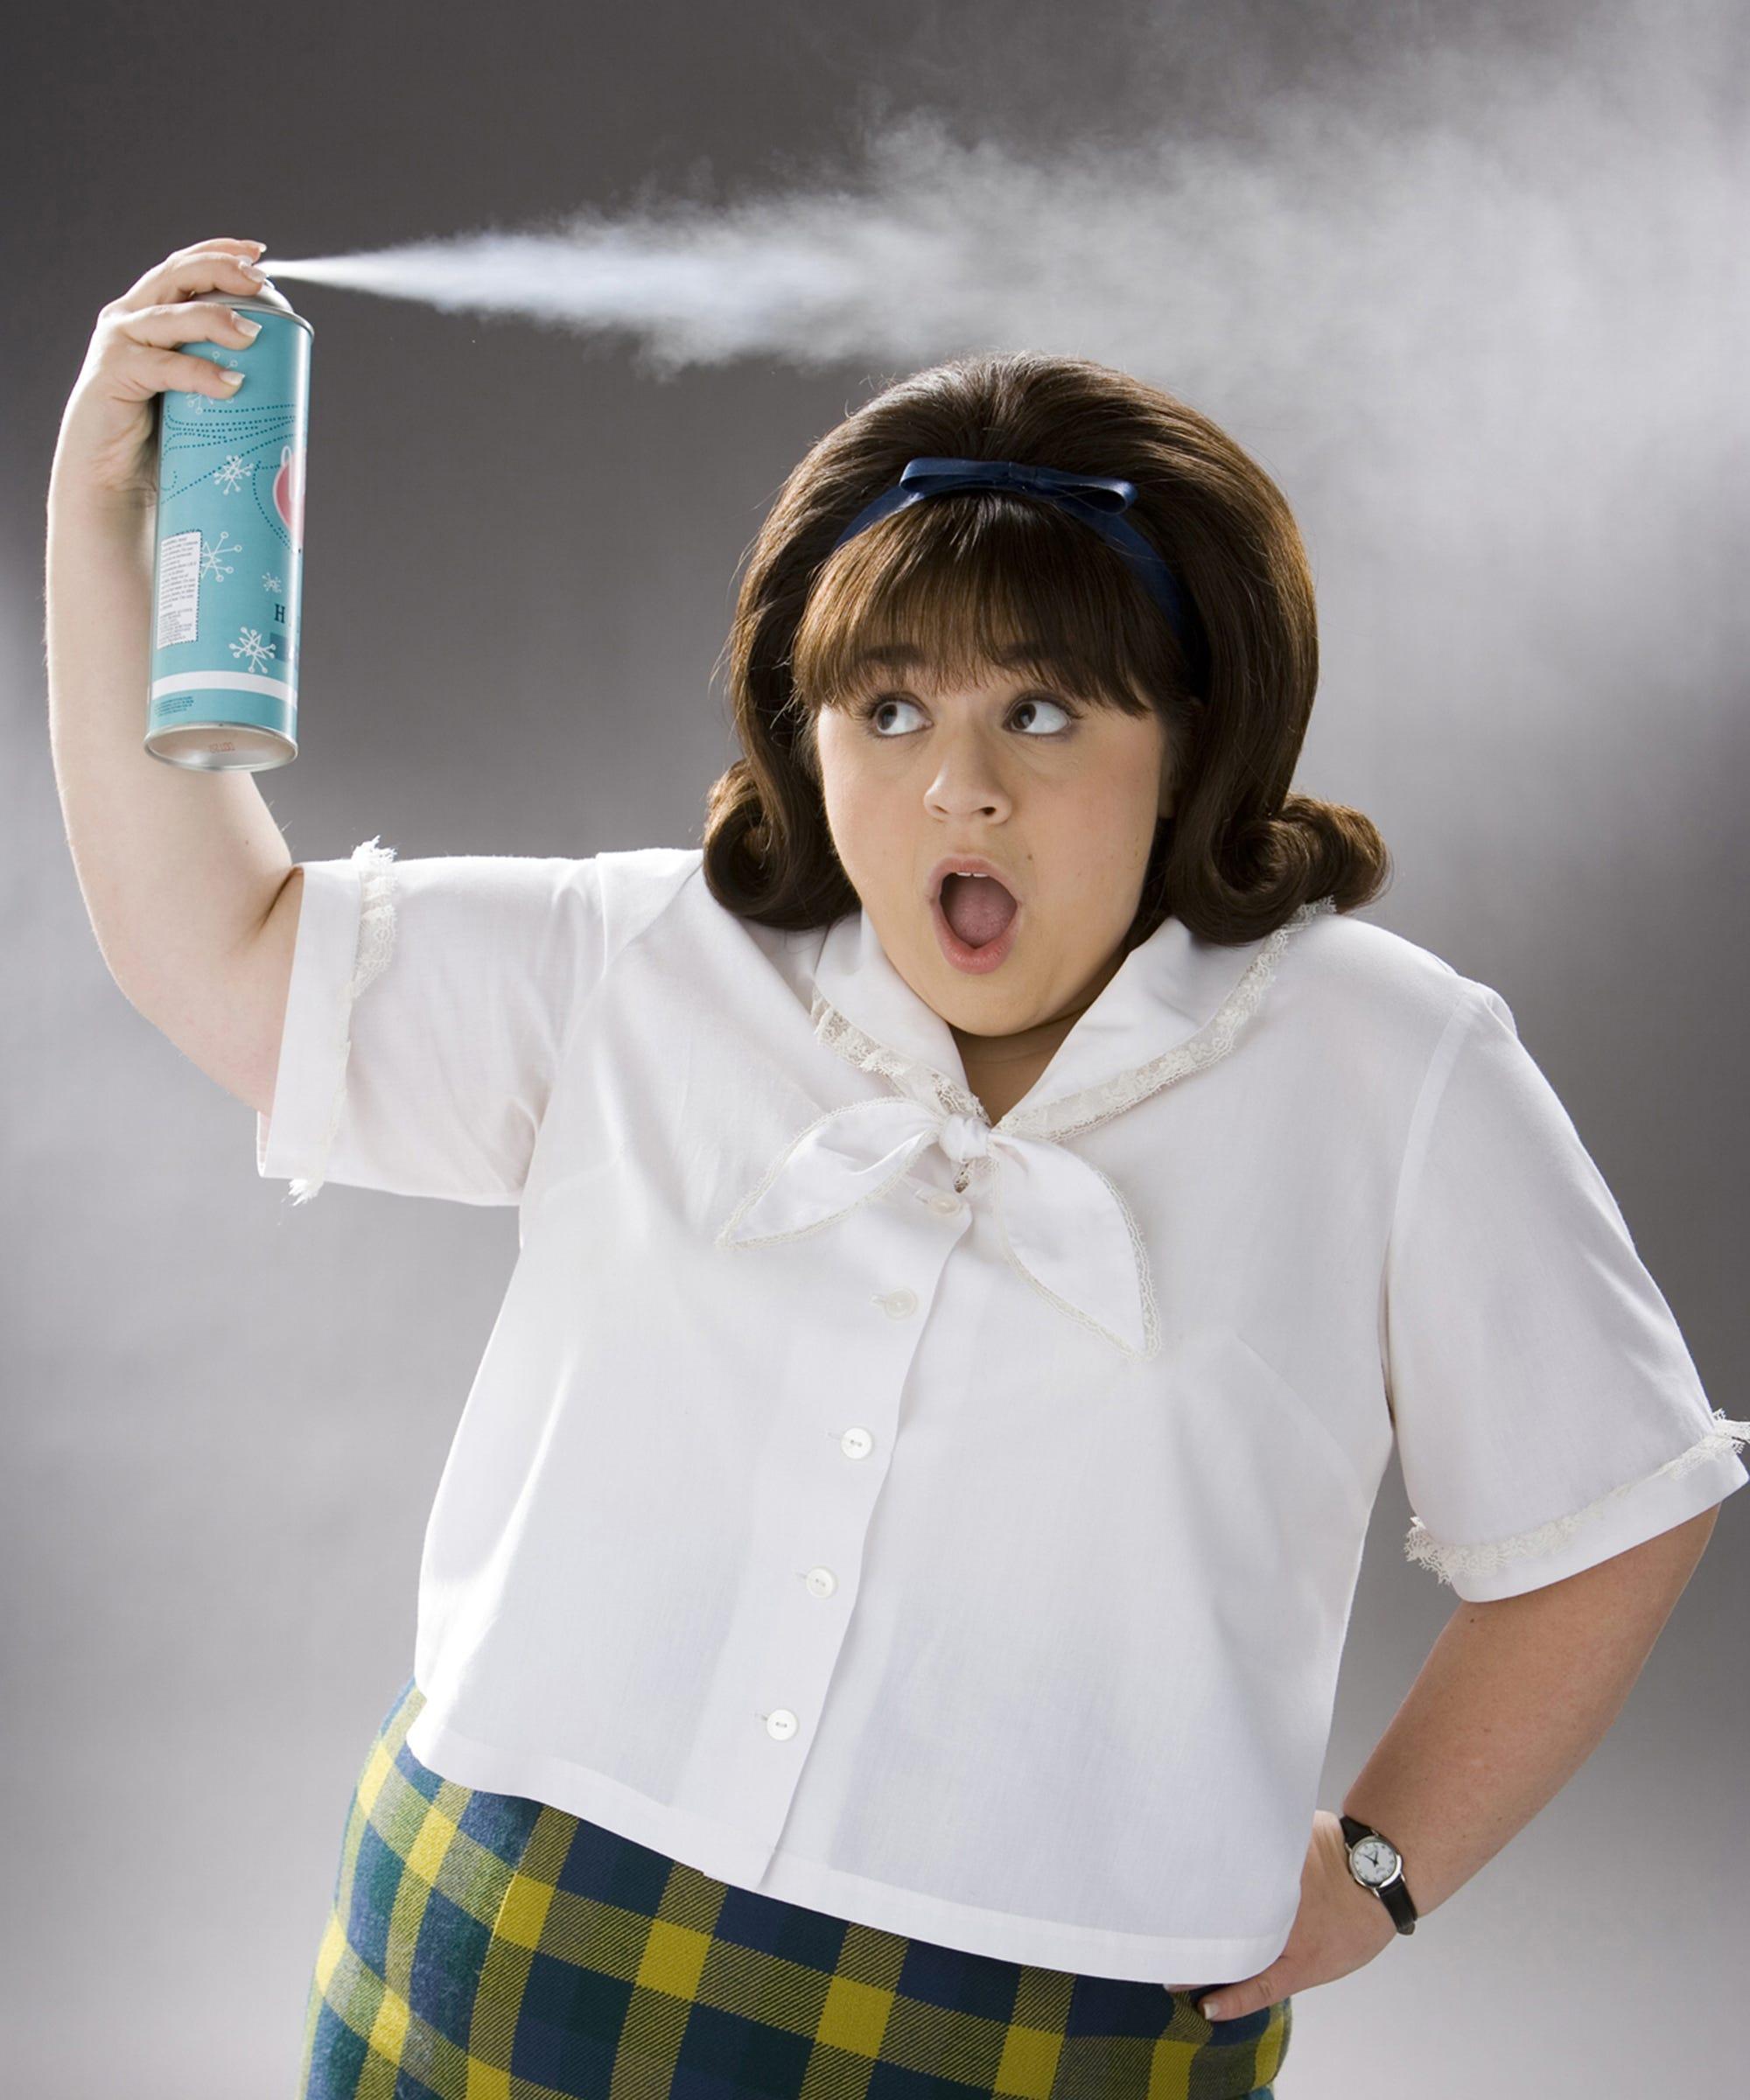 Resultado de imagen de hairspray movie